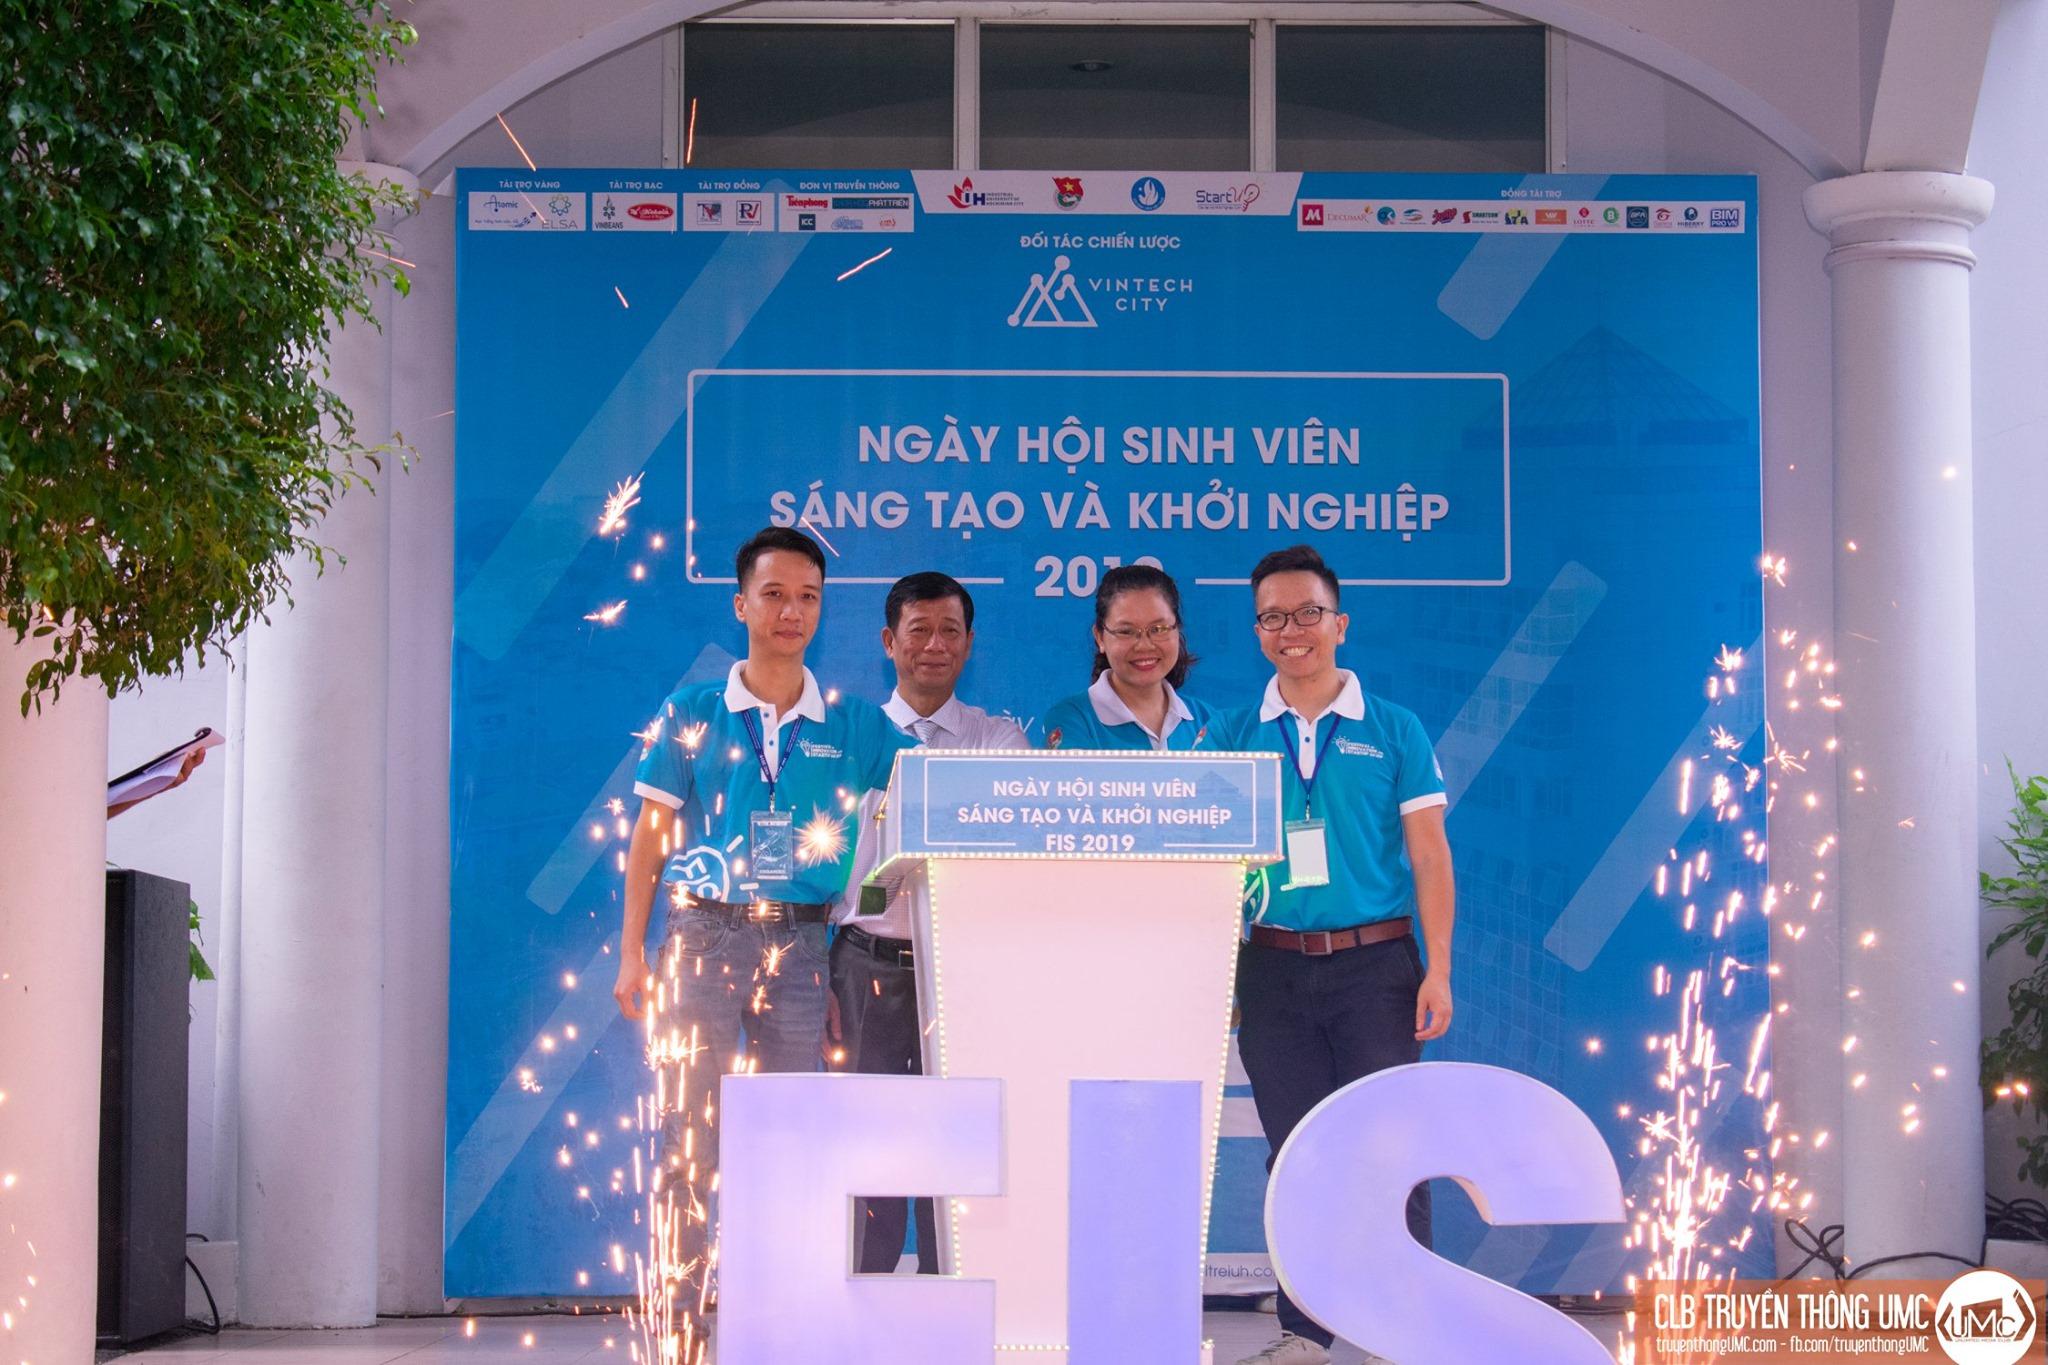 Medlink giành quán quân cuộc thi Khởi nghiệp toàn cầu VietChallenge 2019.